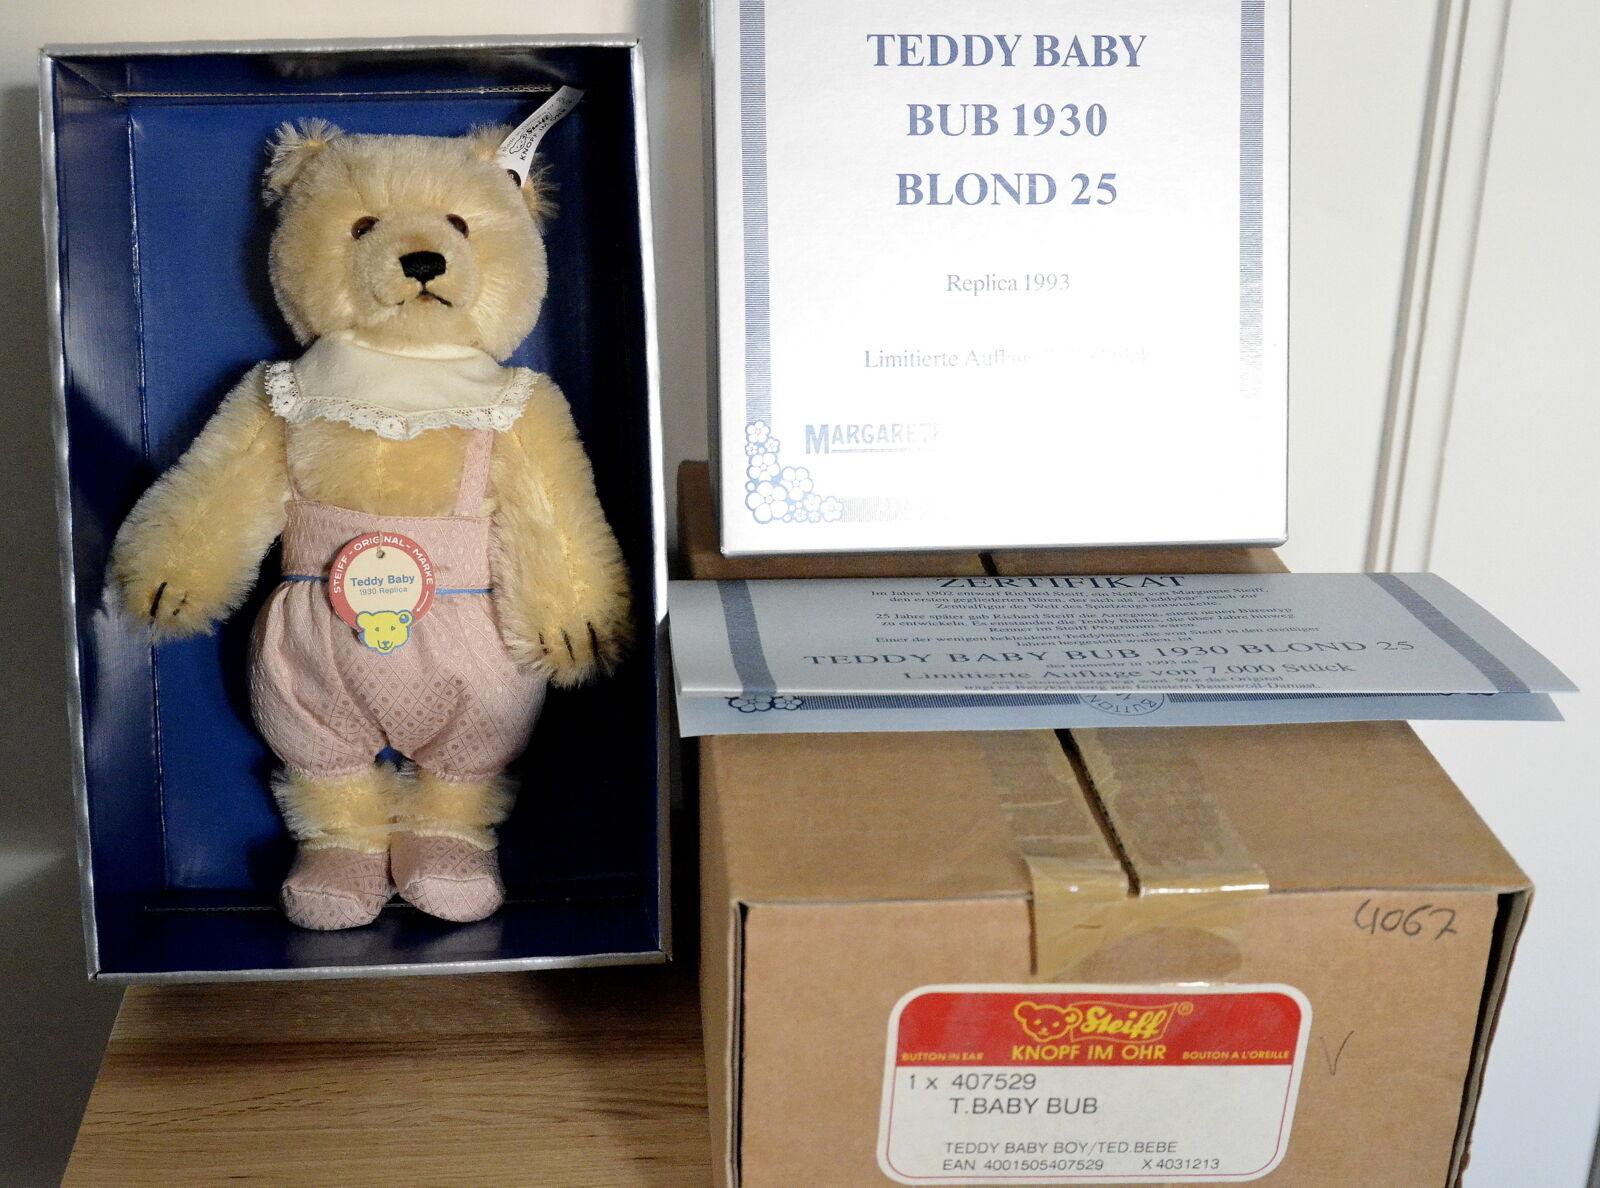 Limitiert  Steiff Teddy Baby Bub Boy 1930 Replika 1993 zur Geburt Taufe 407529